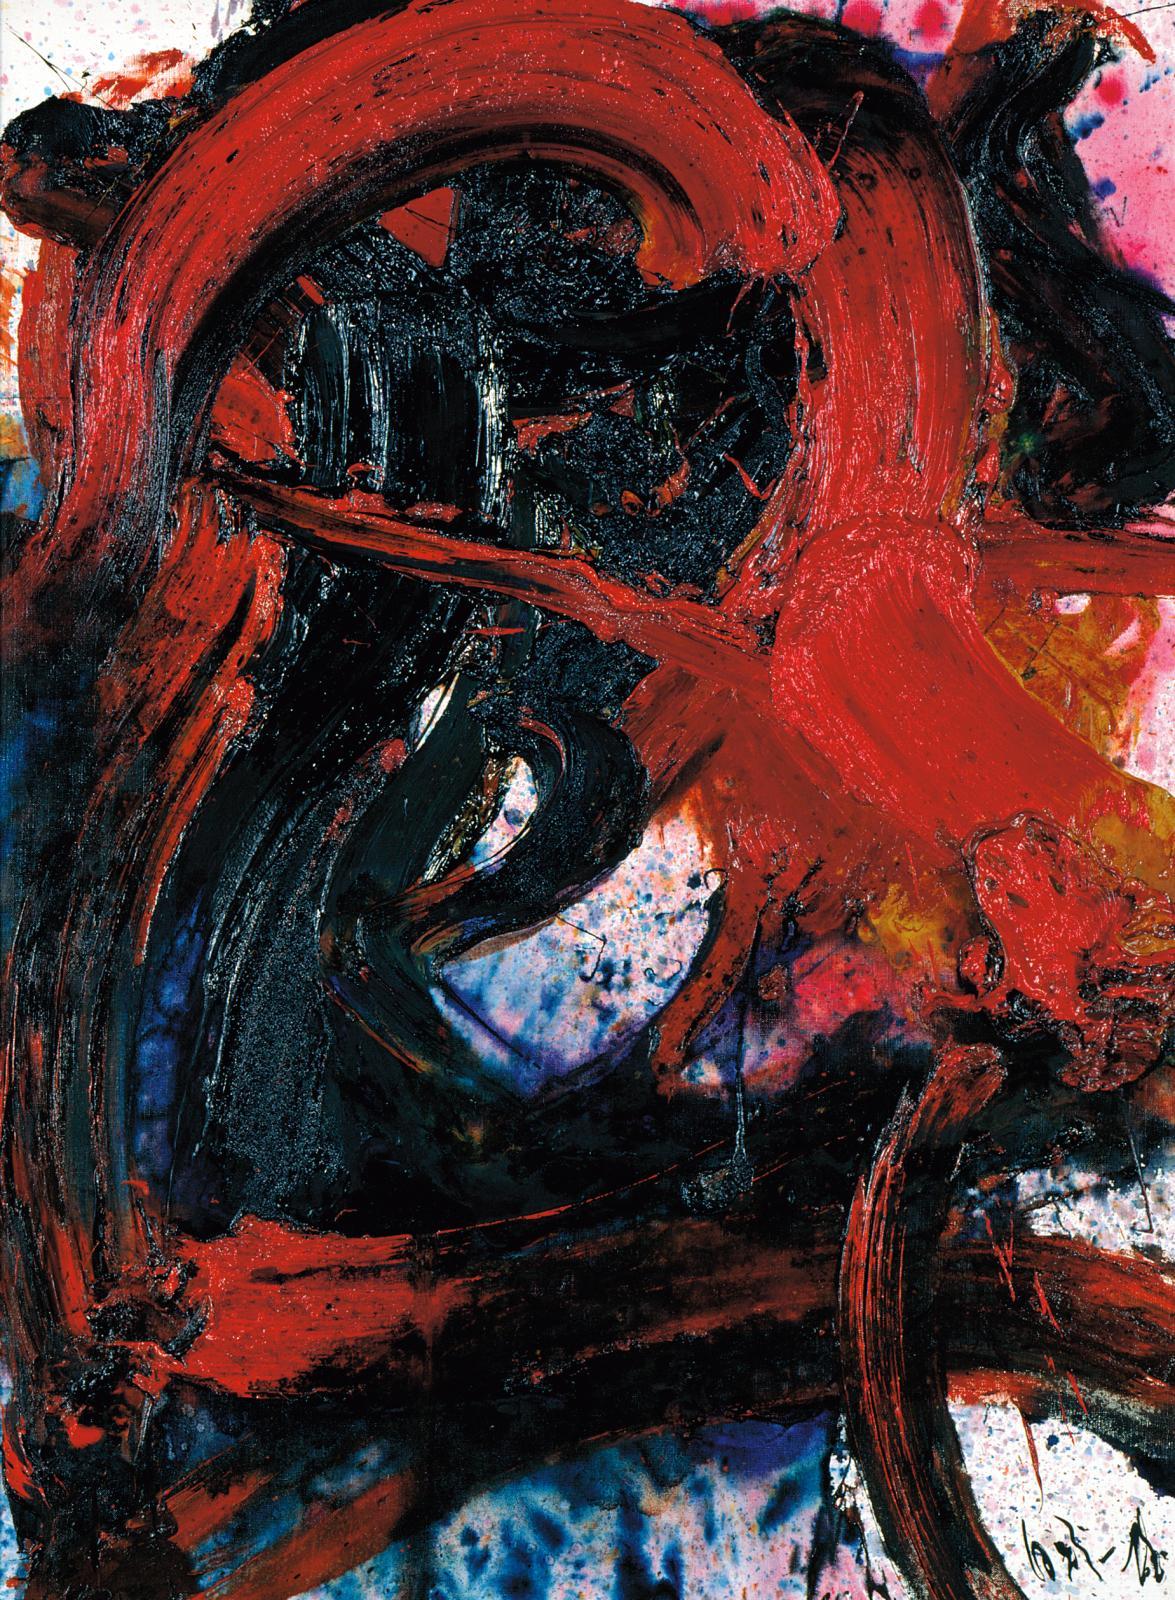 Kazuo Shiraga(1924-2008), Peinture n°29, 1962, huile sur toile, 130x97cm, les Abattoirs, Musée-FRAC Occitanie Toulouse. Photo Jean-Lu